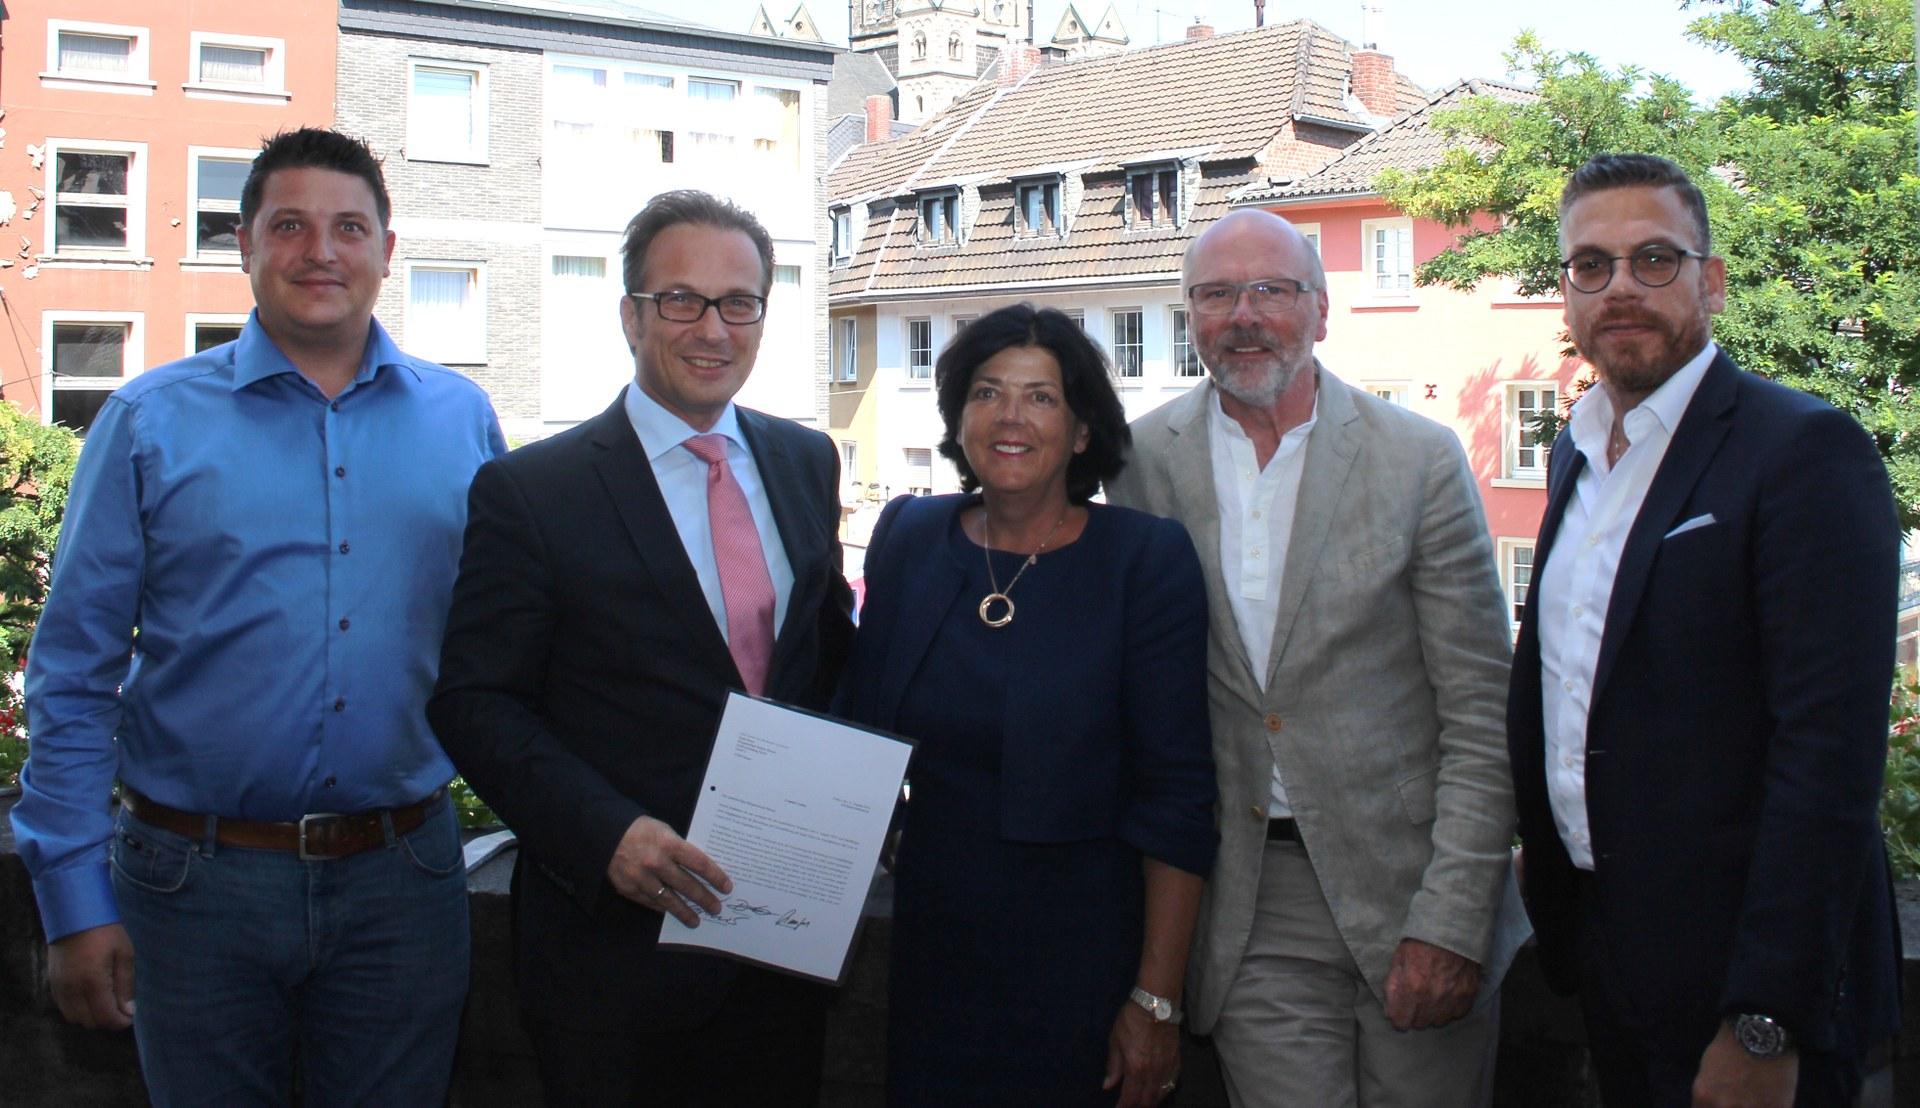 """David Zülow, Bürgermeister Reiner Breuer, Jutta Zülow,, Volker Staufert und Prof. Thomas Koblenzer haben den """"Letter of Comfort"""" unterzeichnet."""